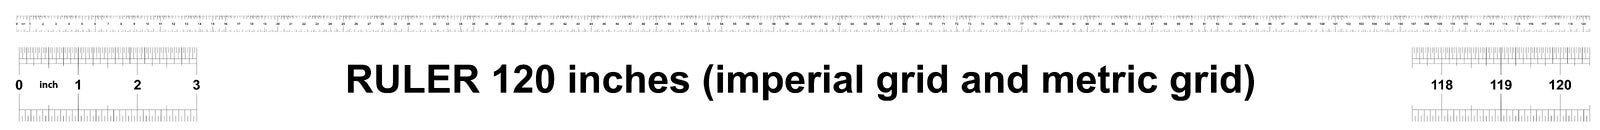 Heerser 120 duim keizer Metrische heerser 160 duim Nauwkeurig metend hulpmiddel Kaliberbepalingsnet stock illustratie